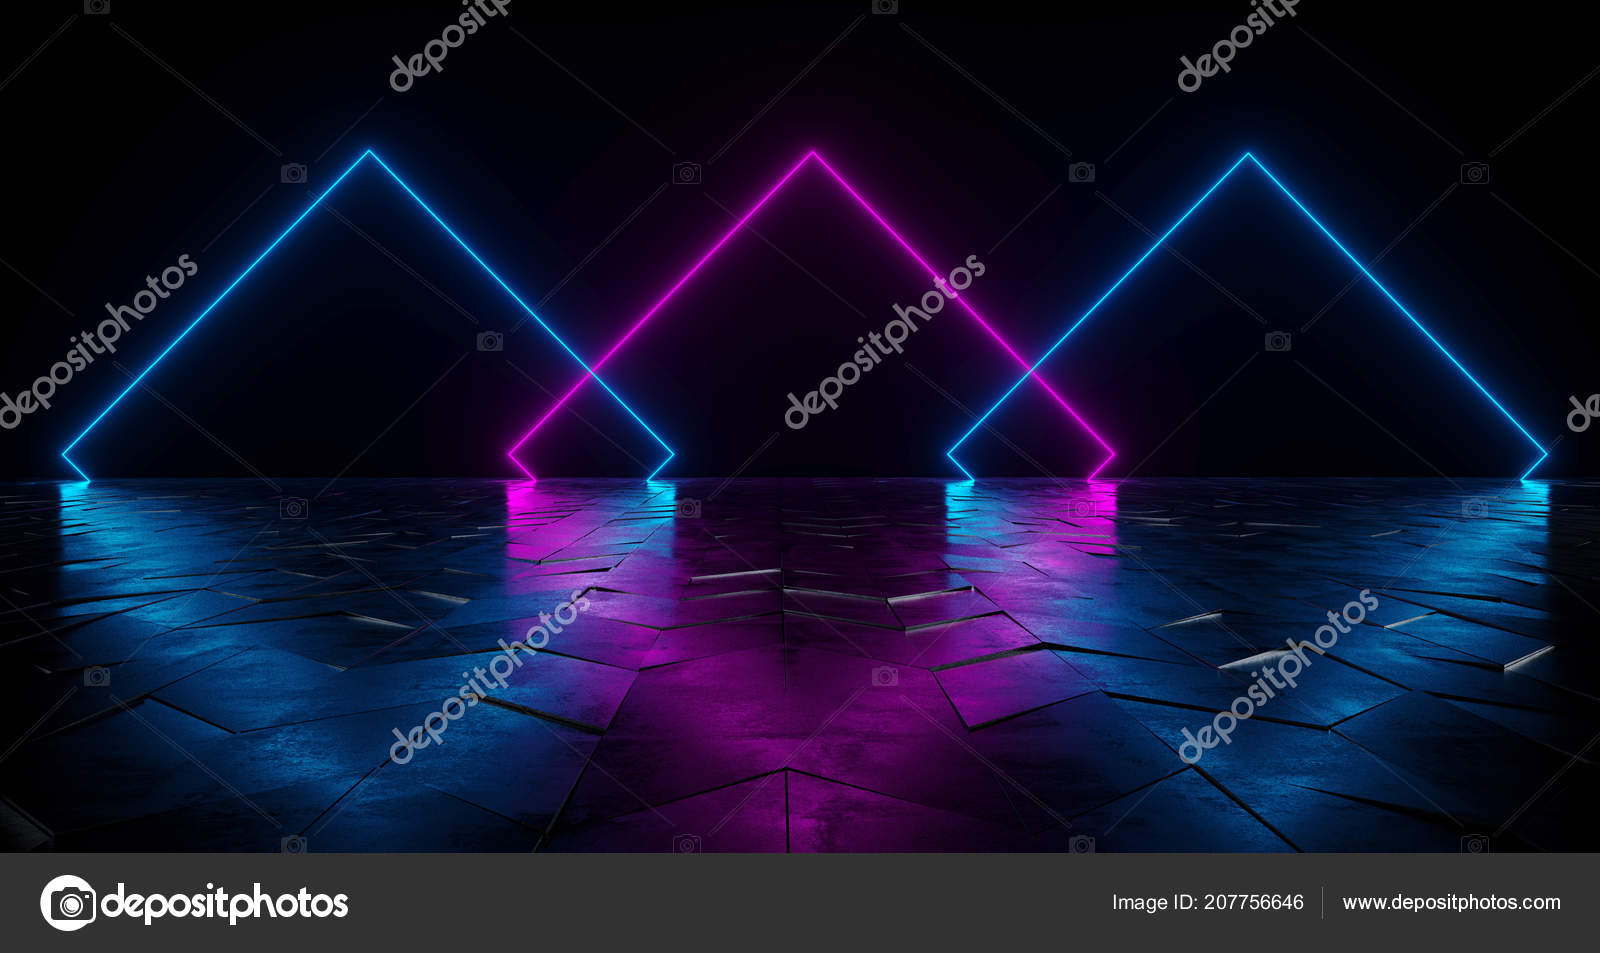 Tubo neon vibrante viola blue luci incandescente riflettente